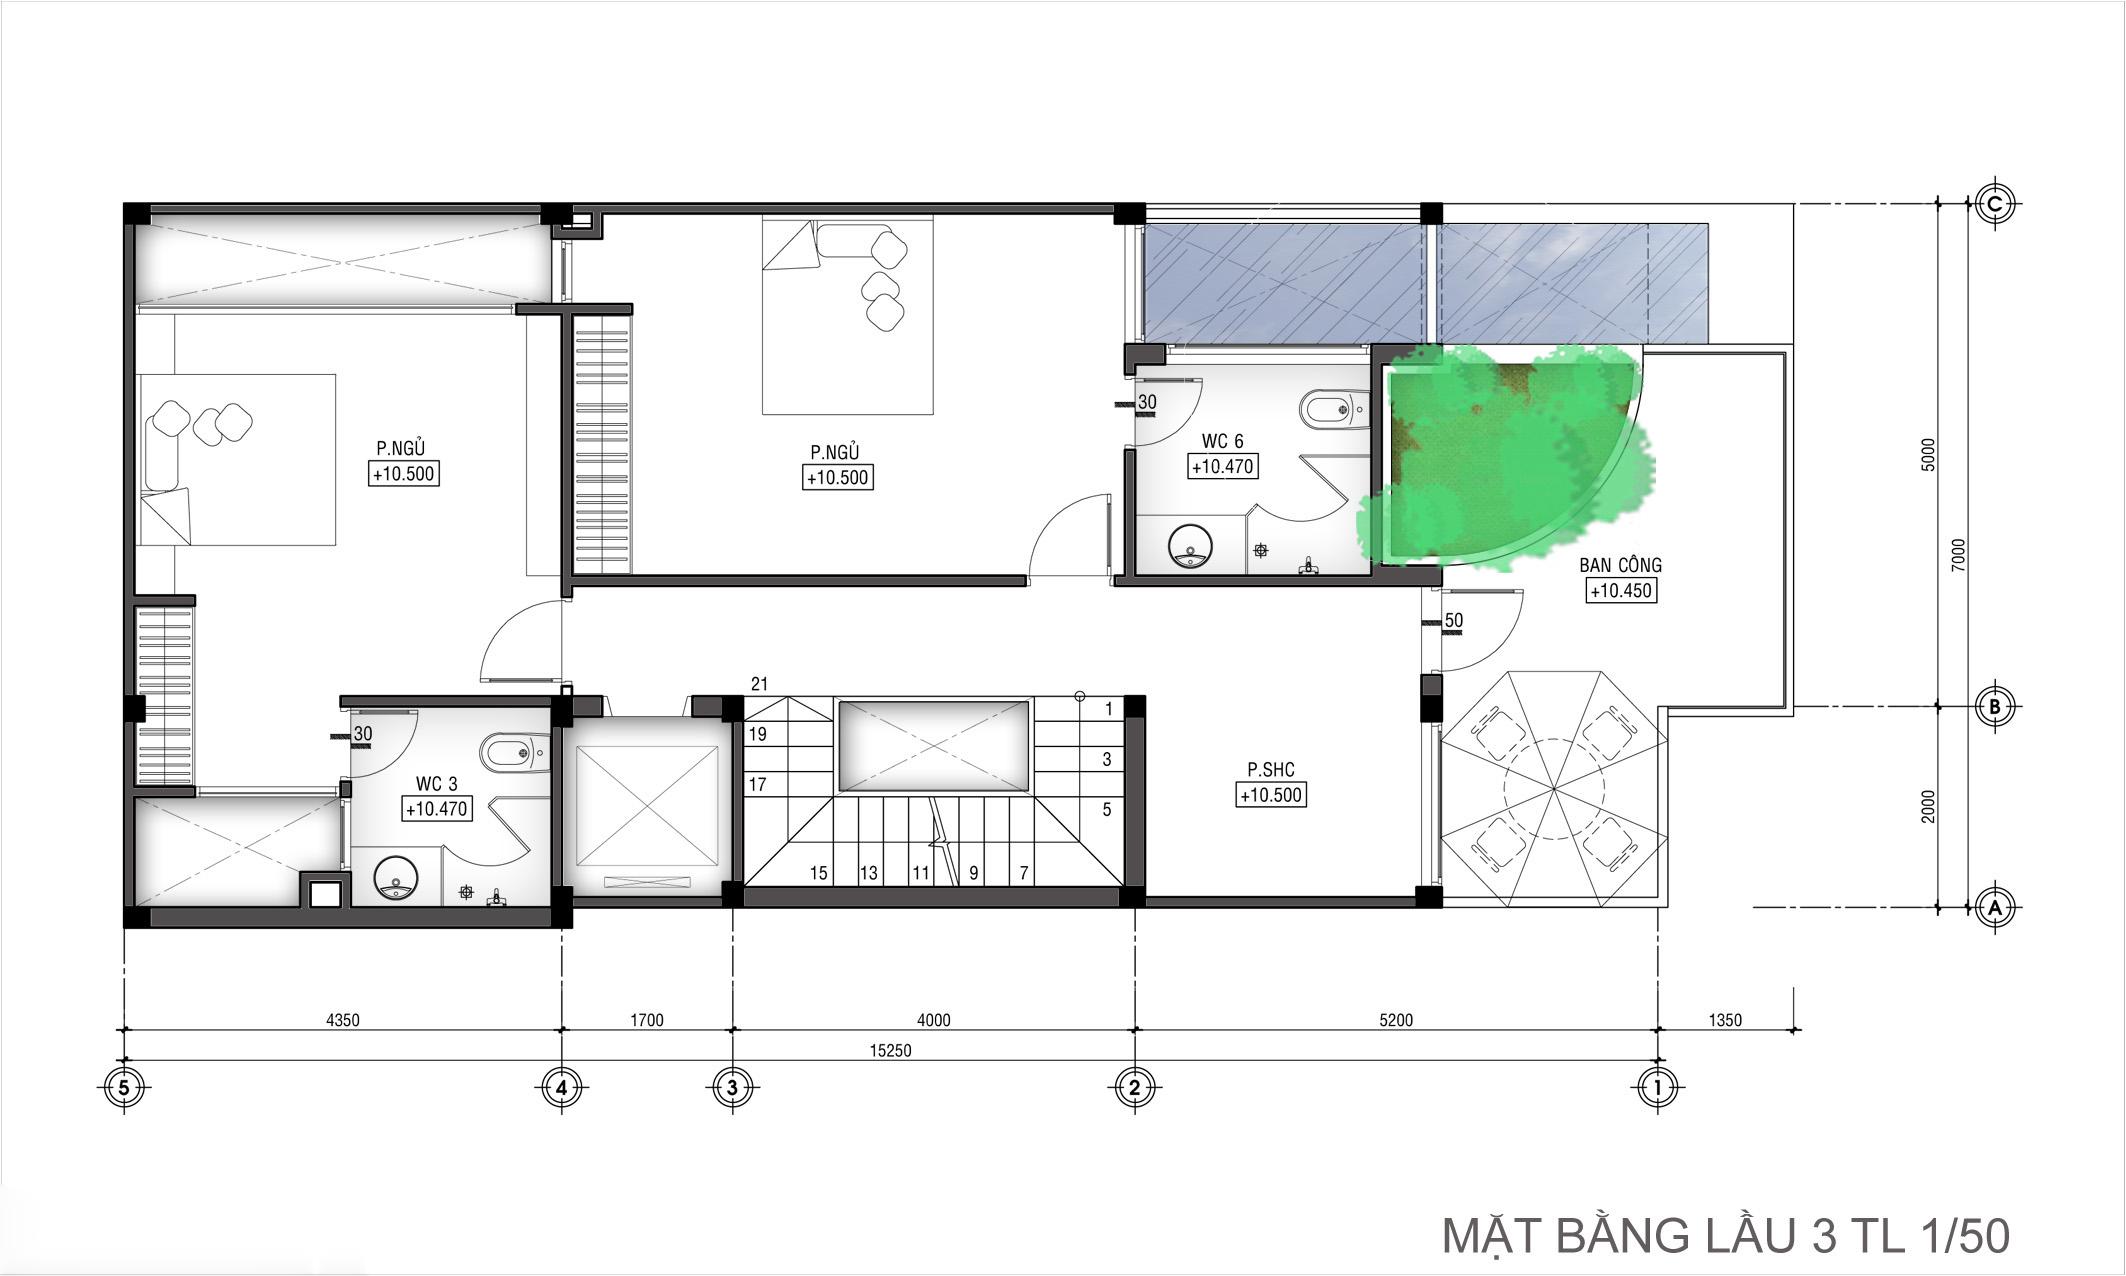 Thiết kế nhà ống hiện đại 3 tầng 7x15m công năng linh hoạt - 5